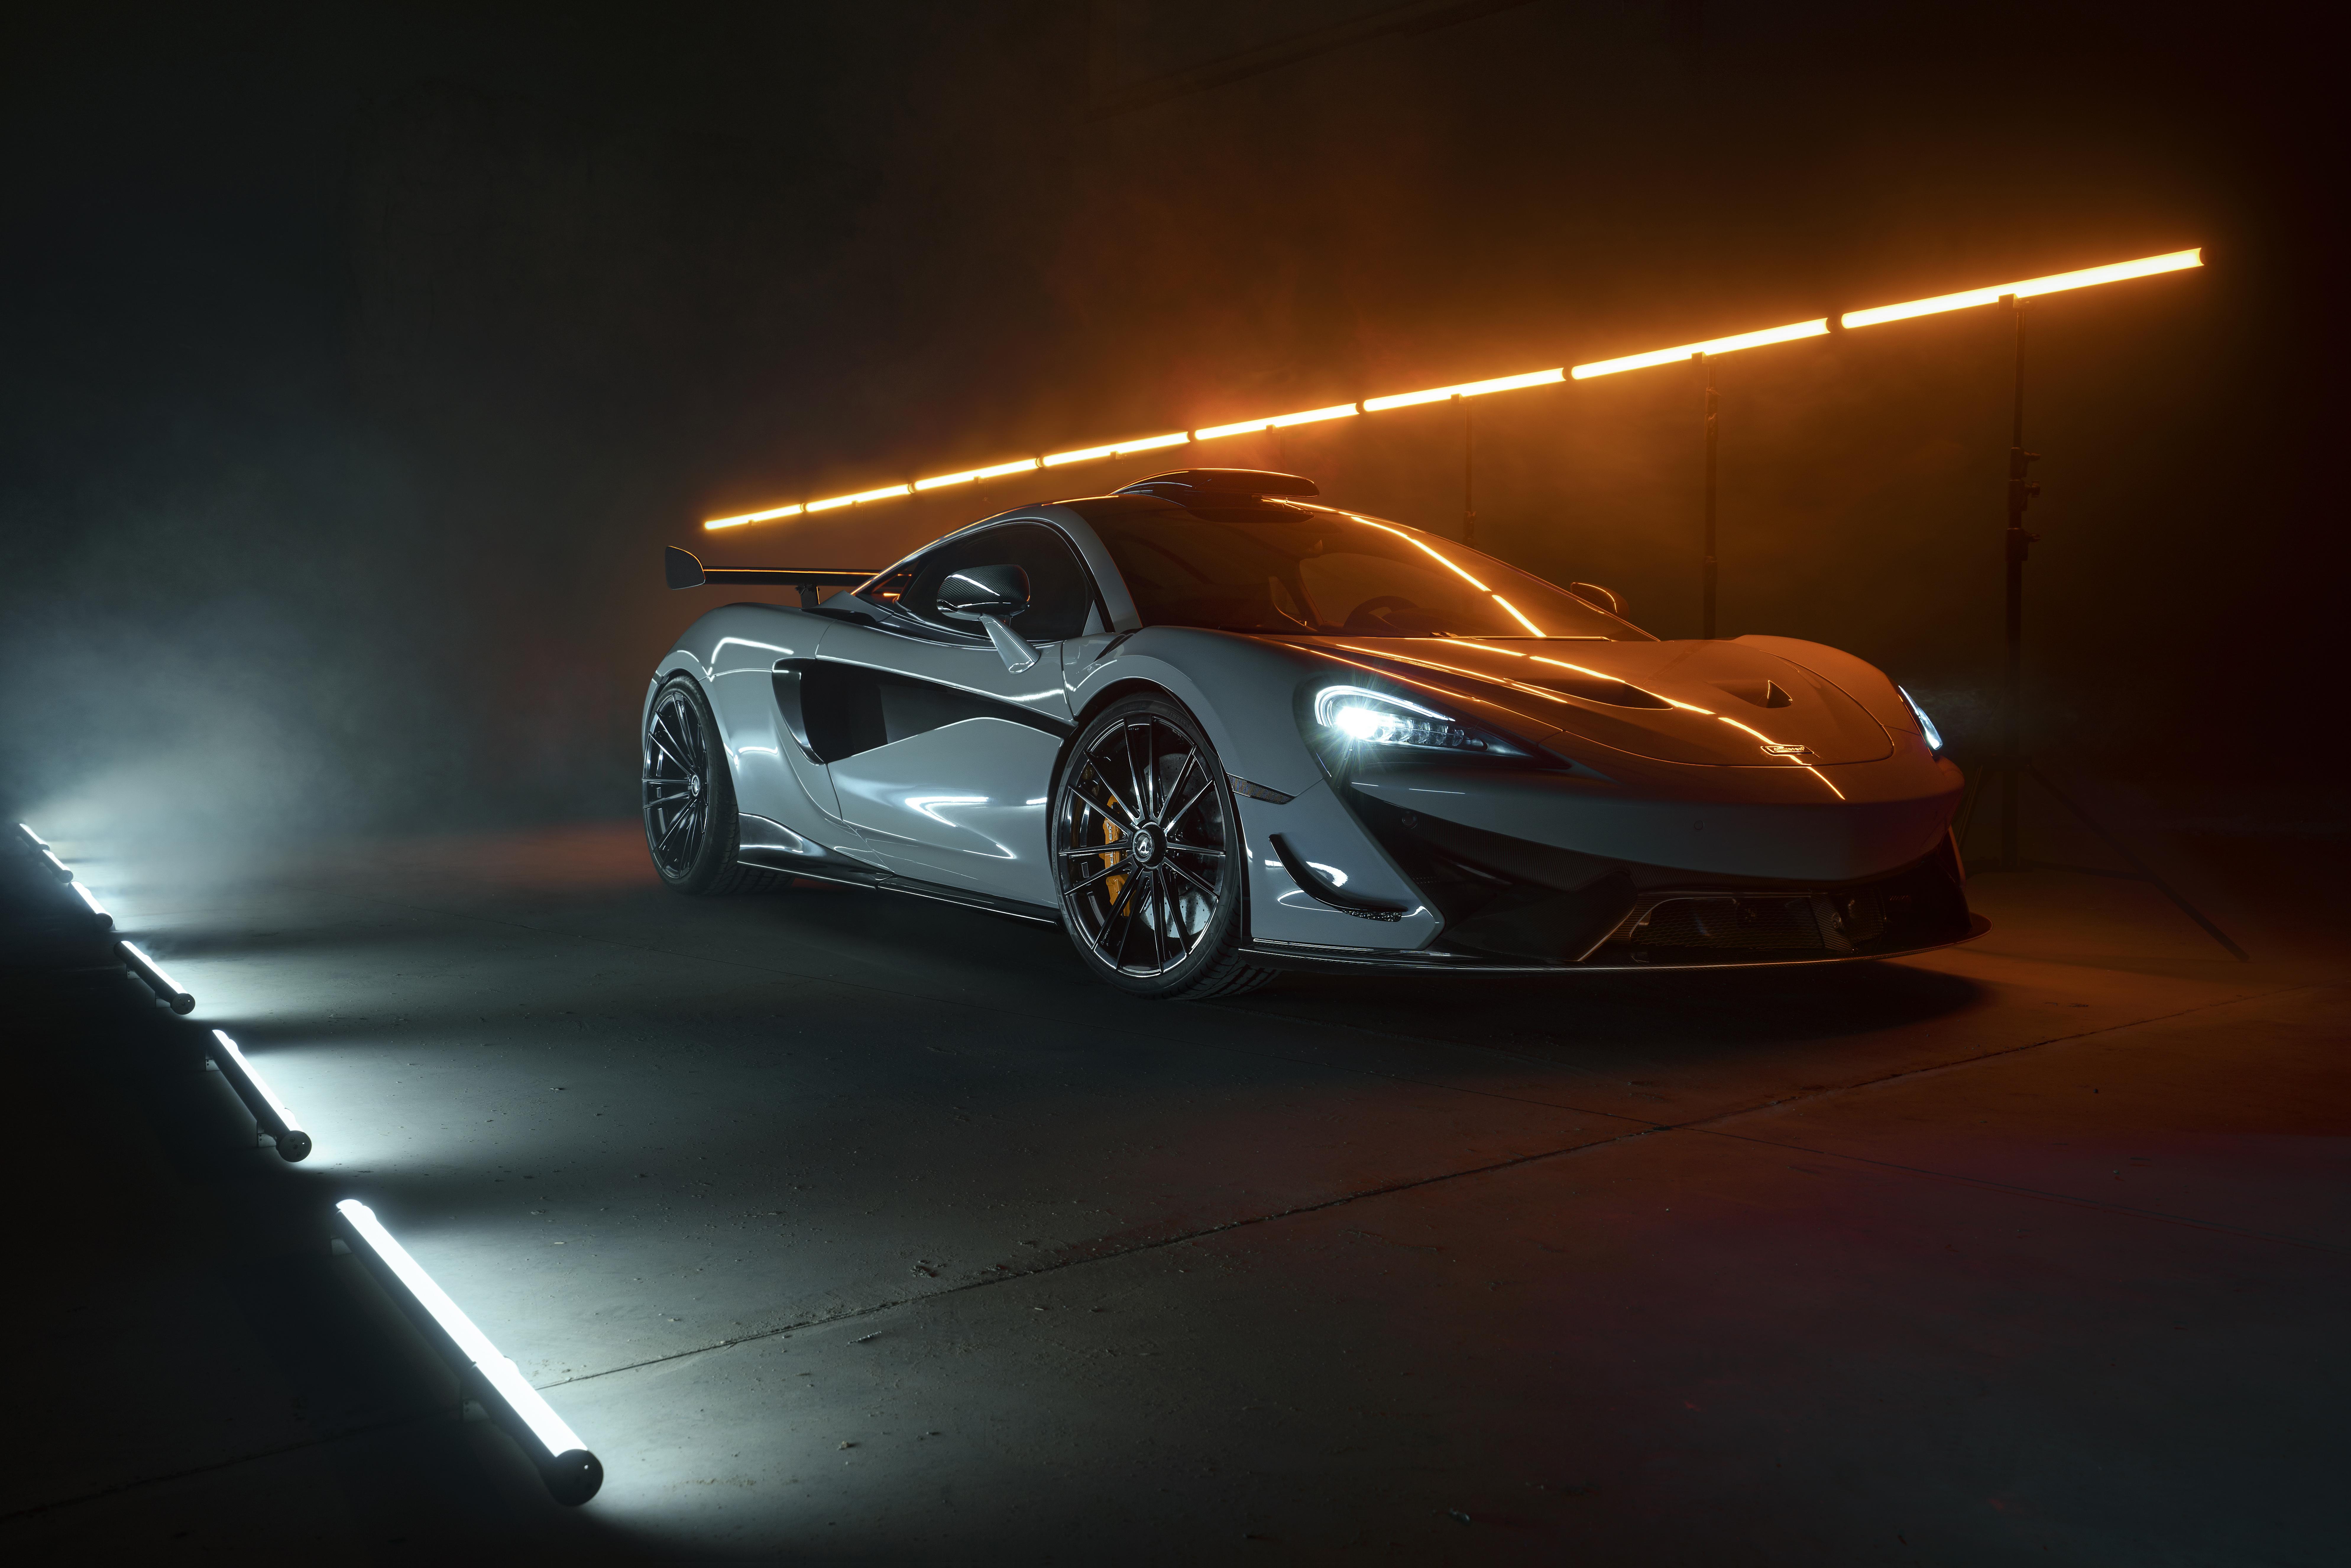 novitec mclaren 620r 4k 1608979977 - Novitec McLaren 620R 4k - Novitec McLaren 620R 4k wallpapers